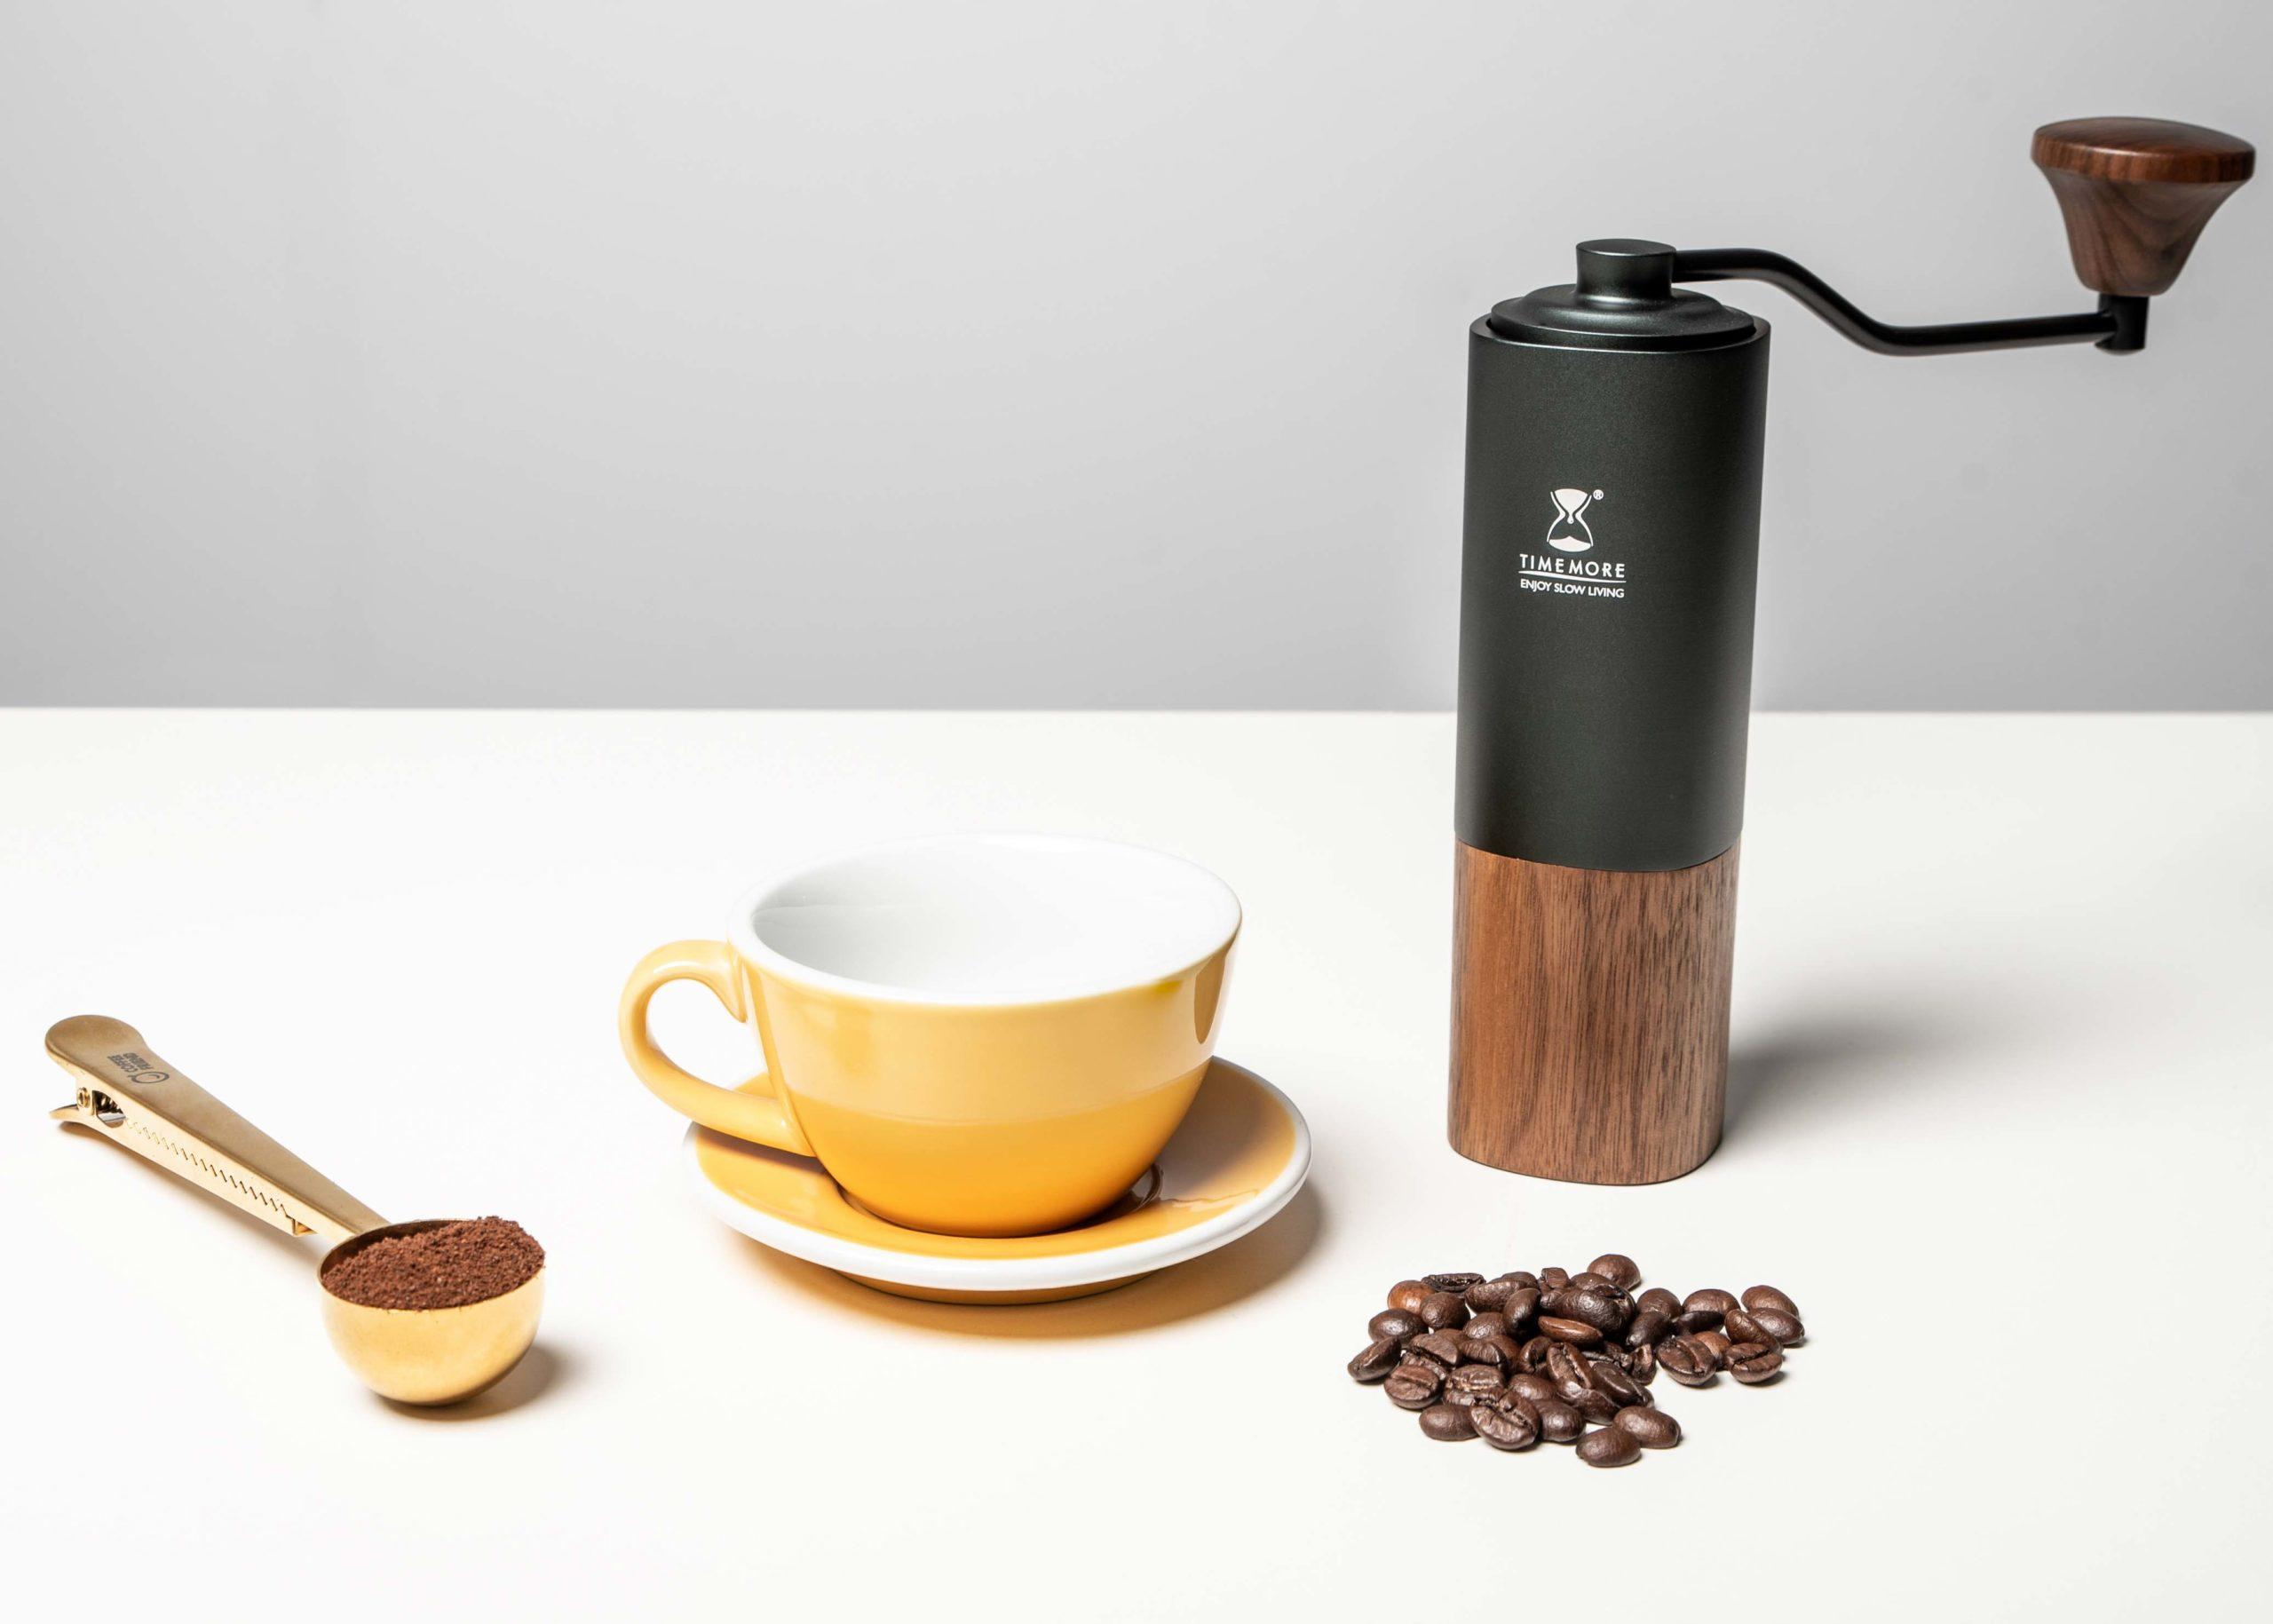 Pre-Ground Coffee vs Freshly Ground Coffee